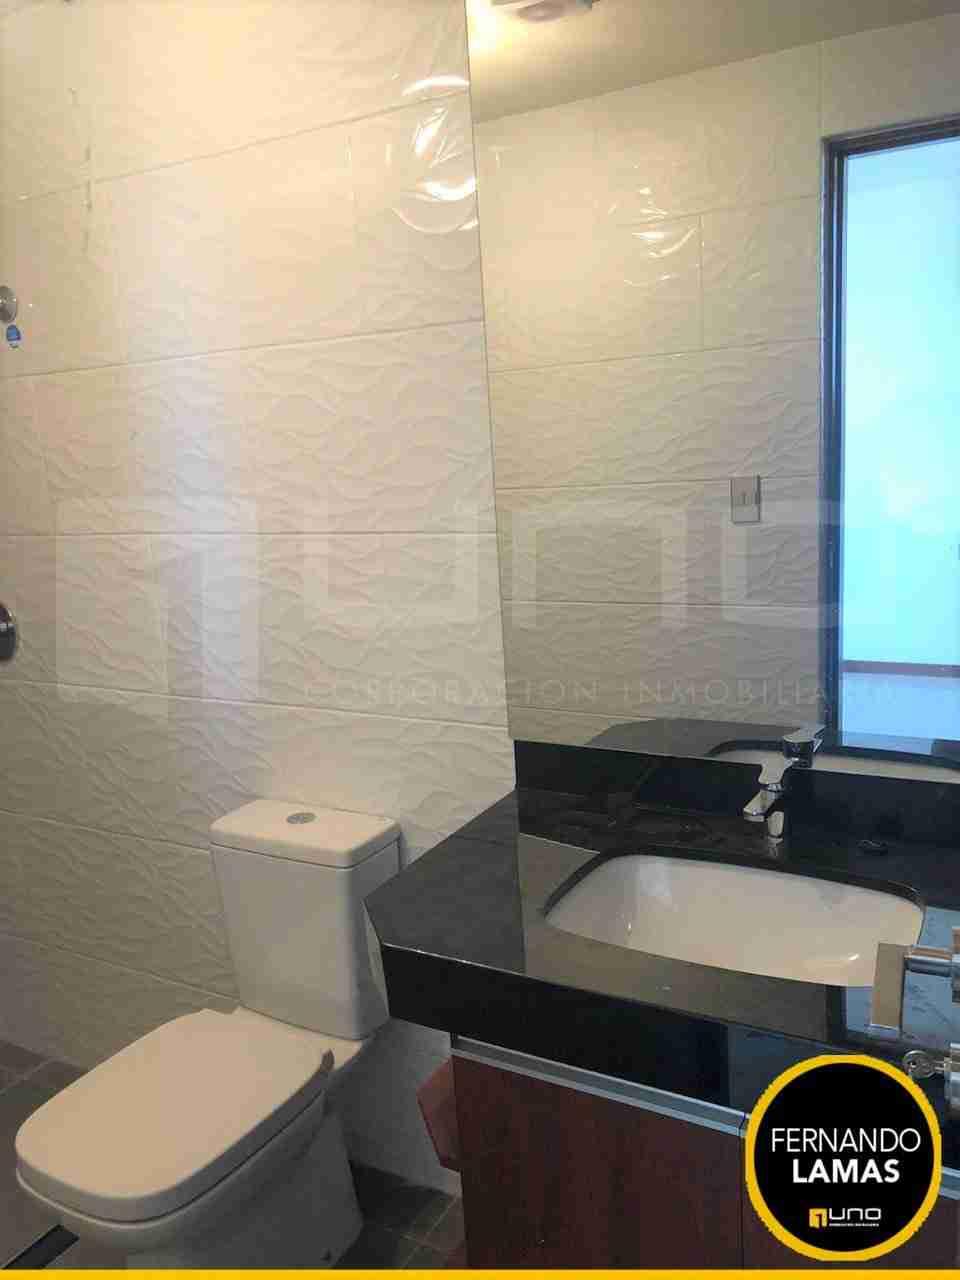 Departamento de 3 Dormitorios en Alquiler, Edificio Macororo 11, Zona Equipetrol, Santa Cruz, Bolivia (9)